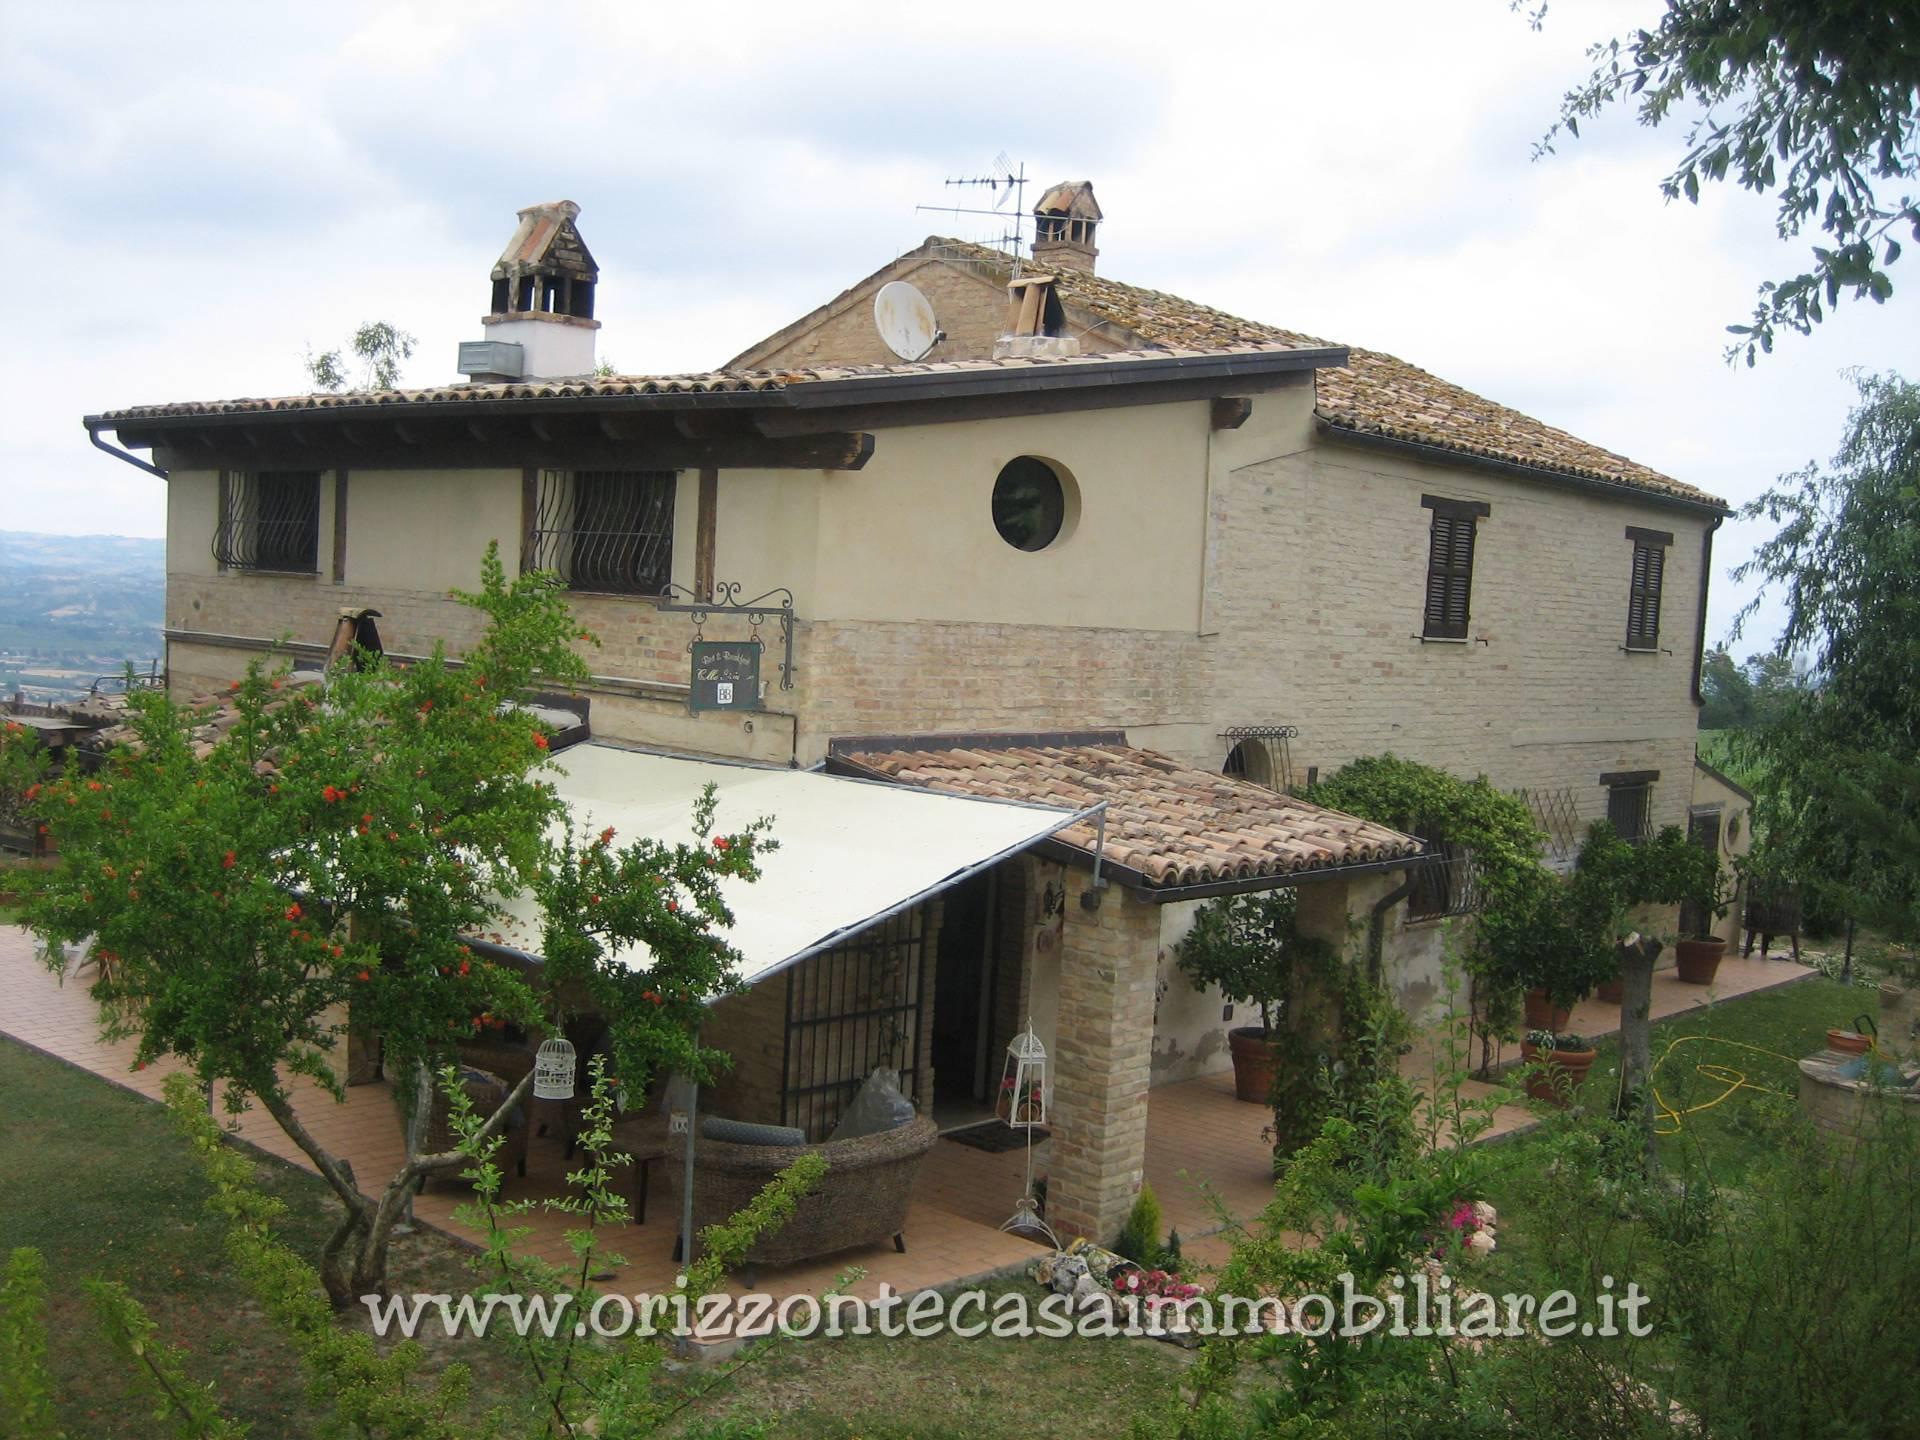 Villa in vendita a Ancarano, 9 locali, prezzo € 300.000 | CambioCasa.it